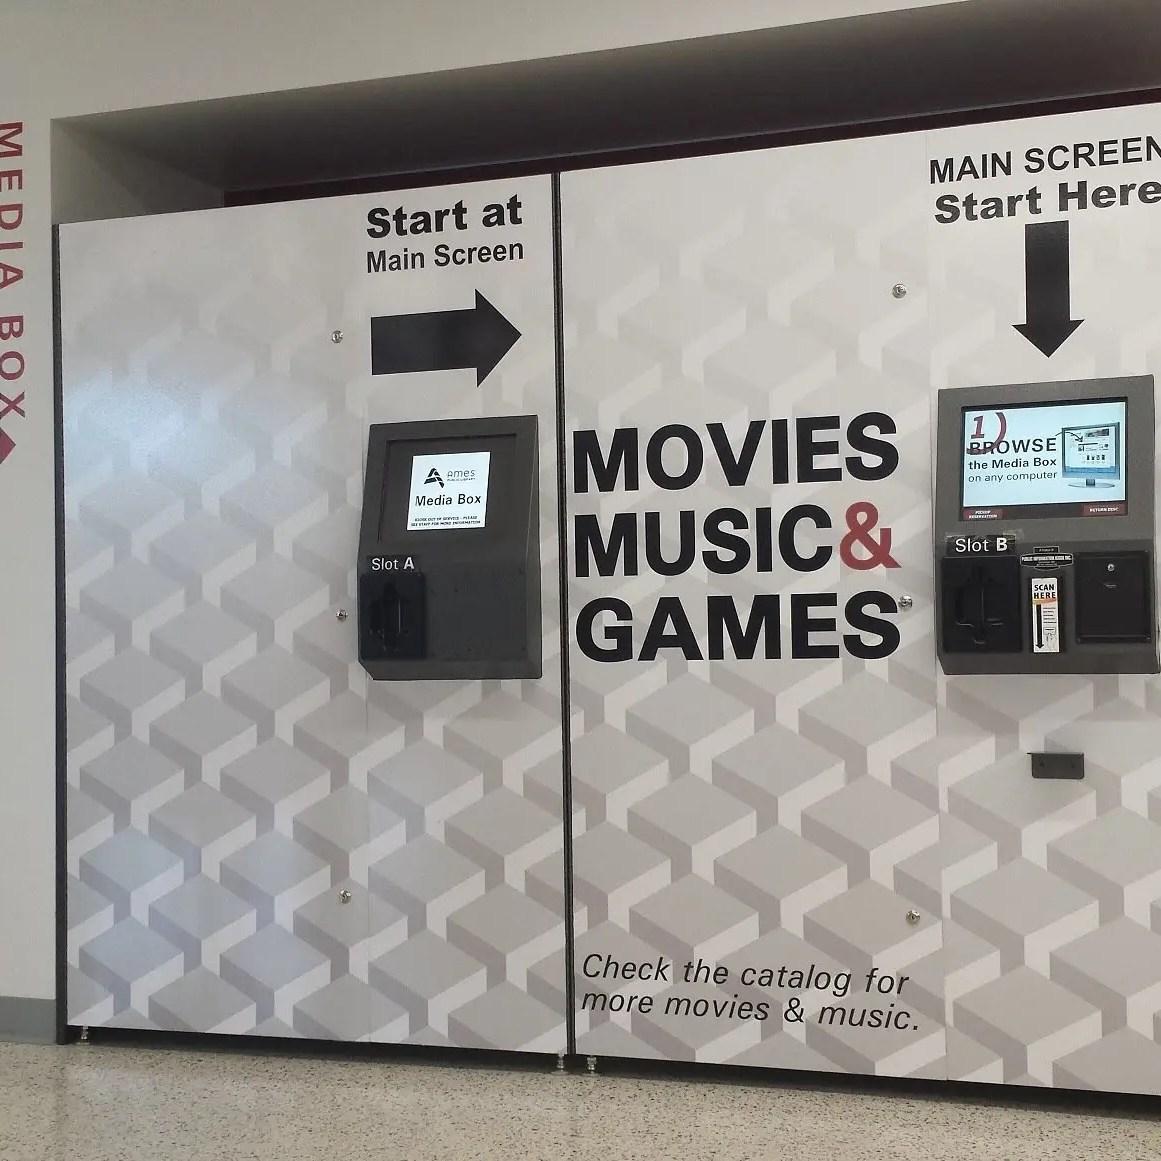 dvd vending kiosk